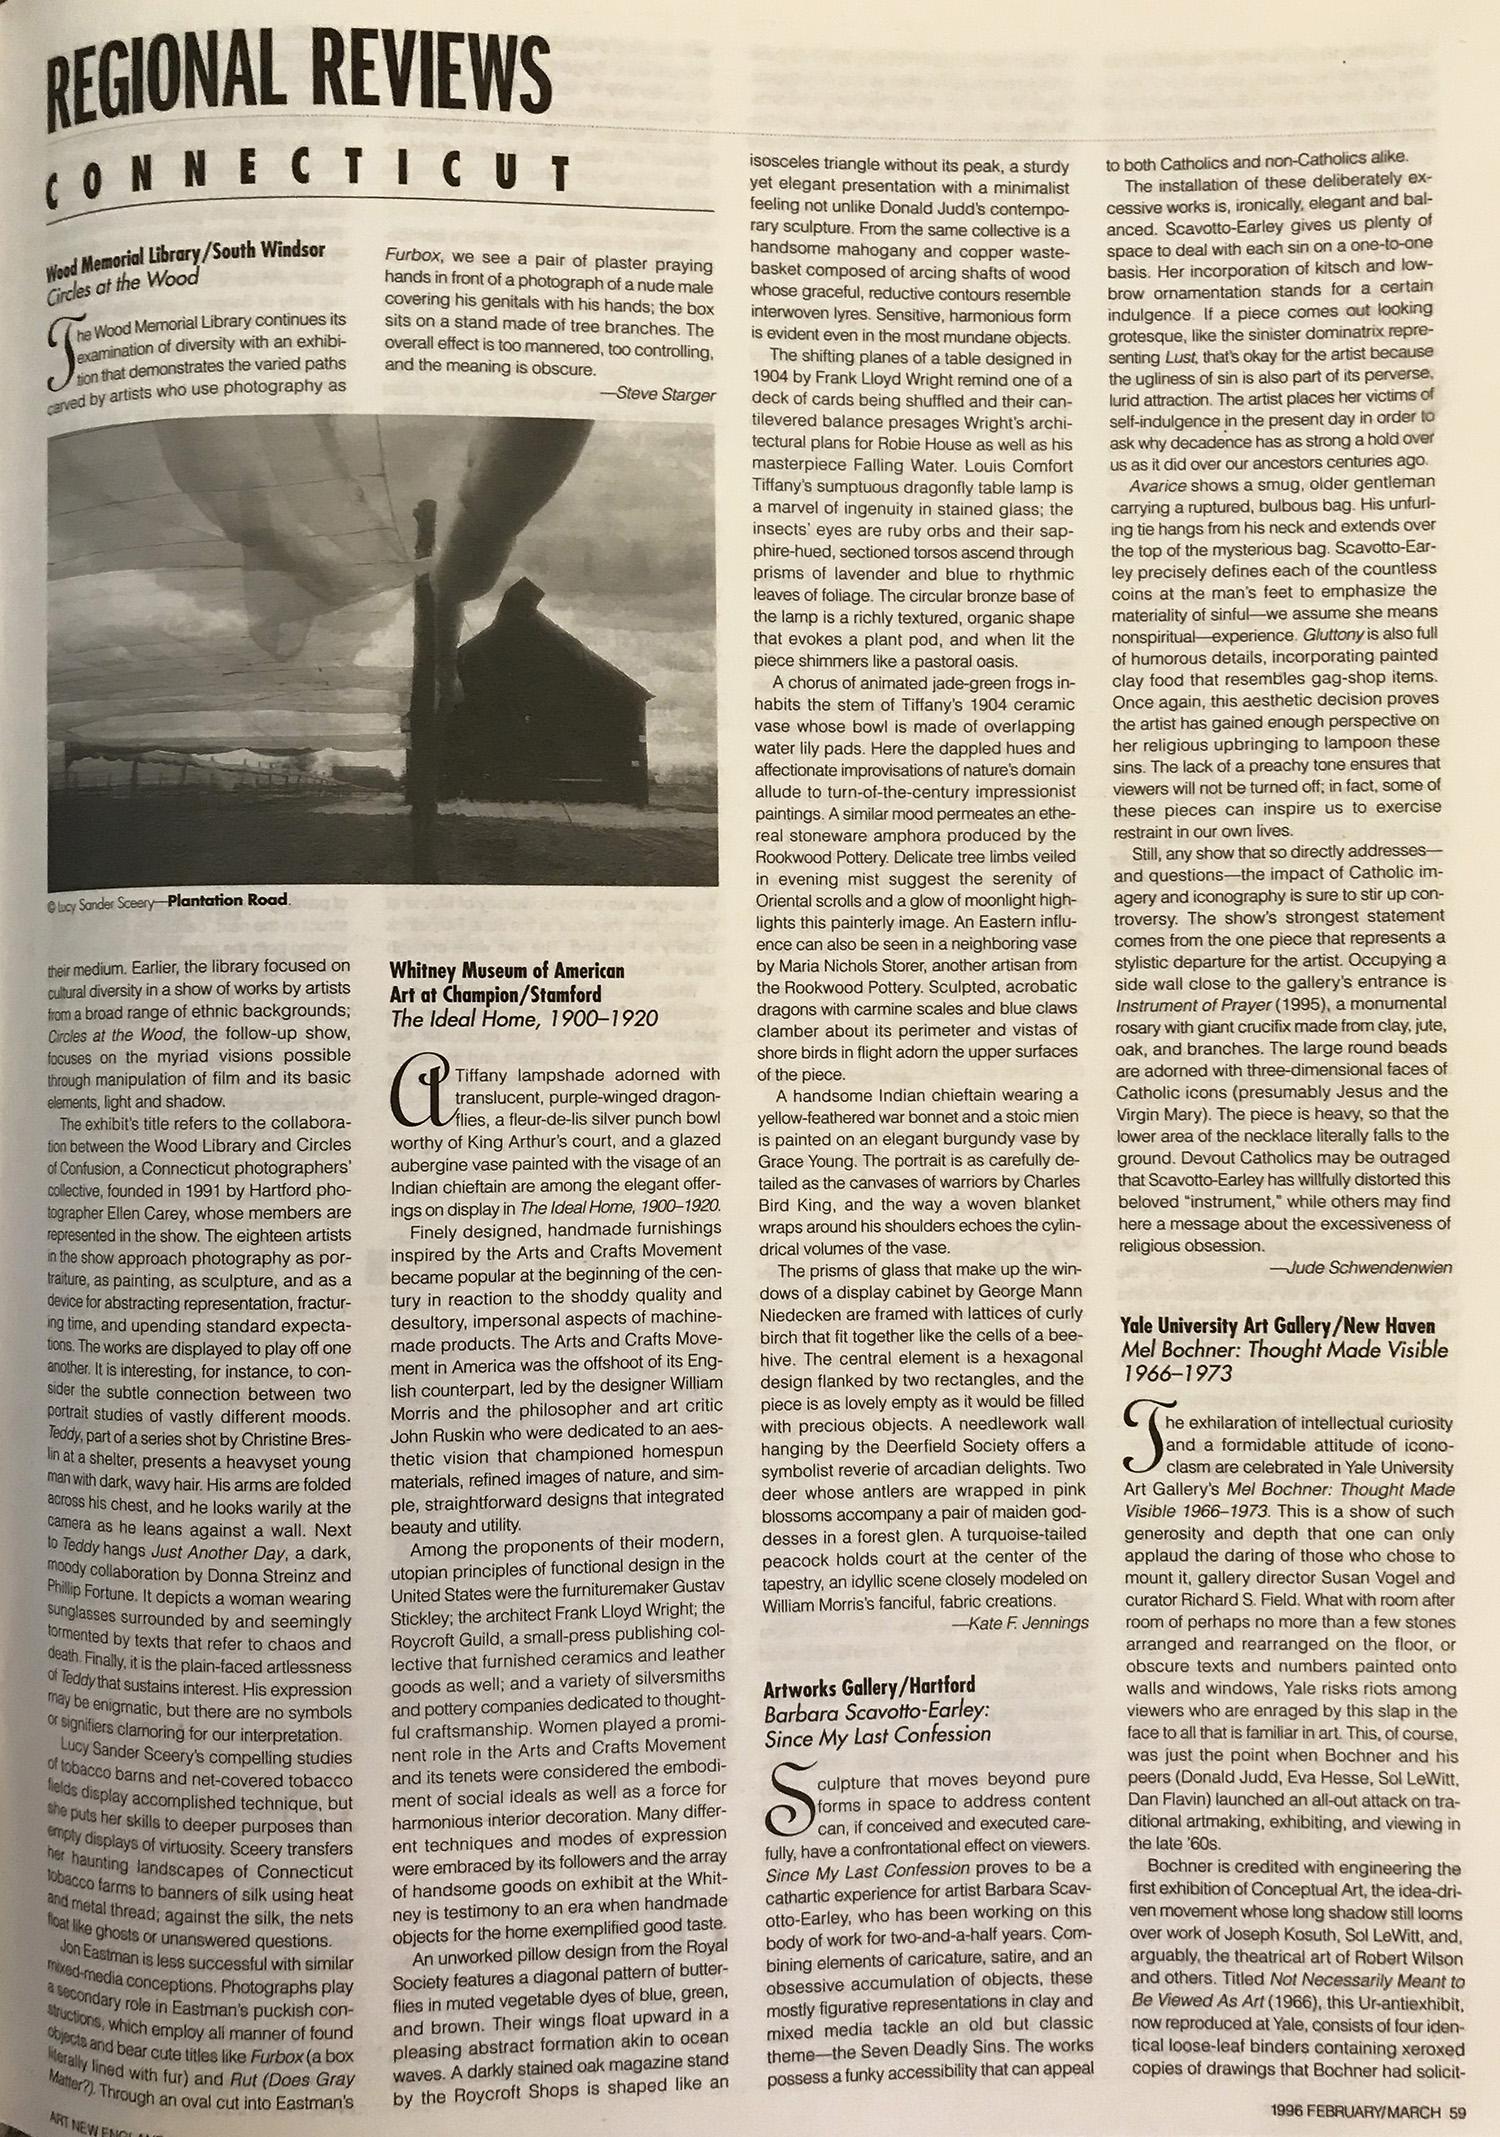 artnewengland-magazine-ctregionalreviews-judeschwendenwein_artworksgallery-barbarascavottoearley-sincemylastconfession-februaru-march1996-2.jpg